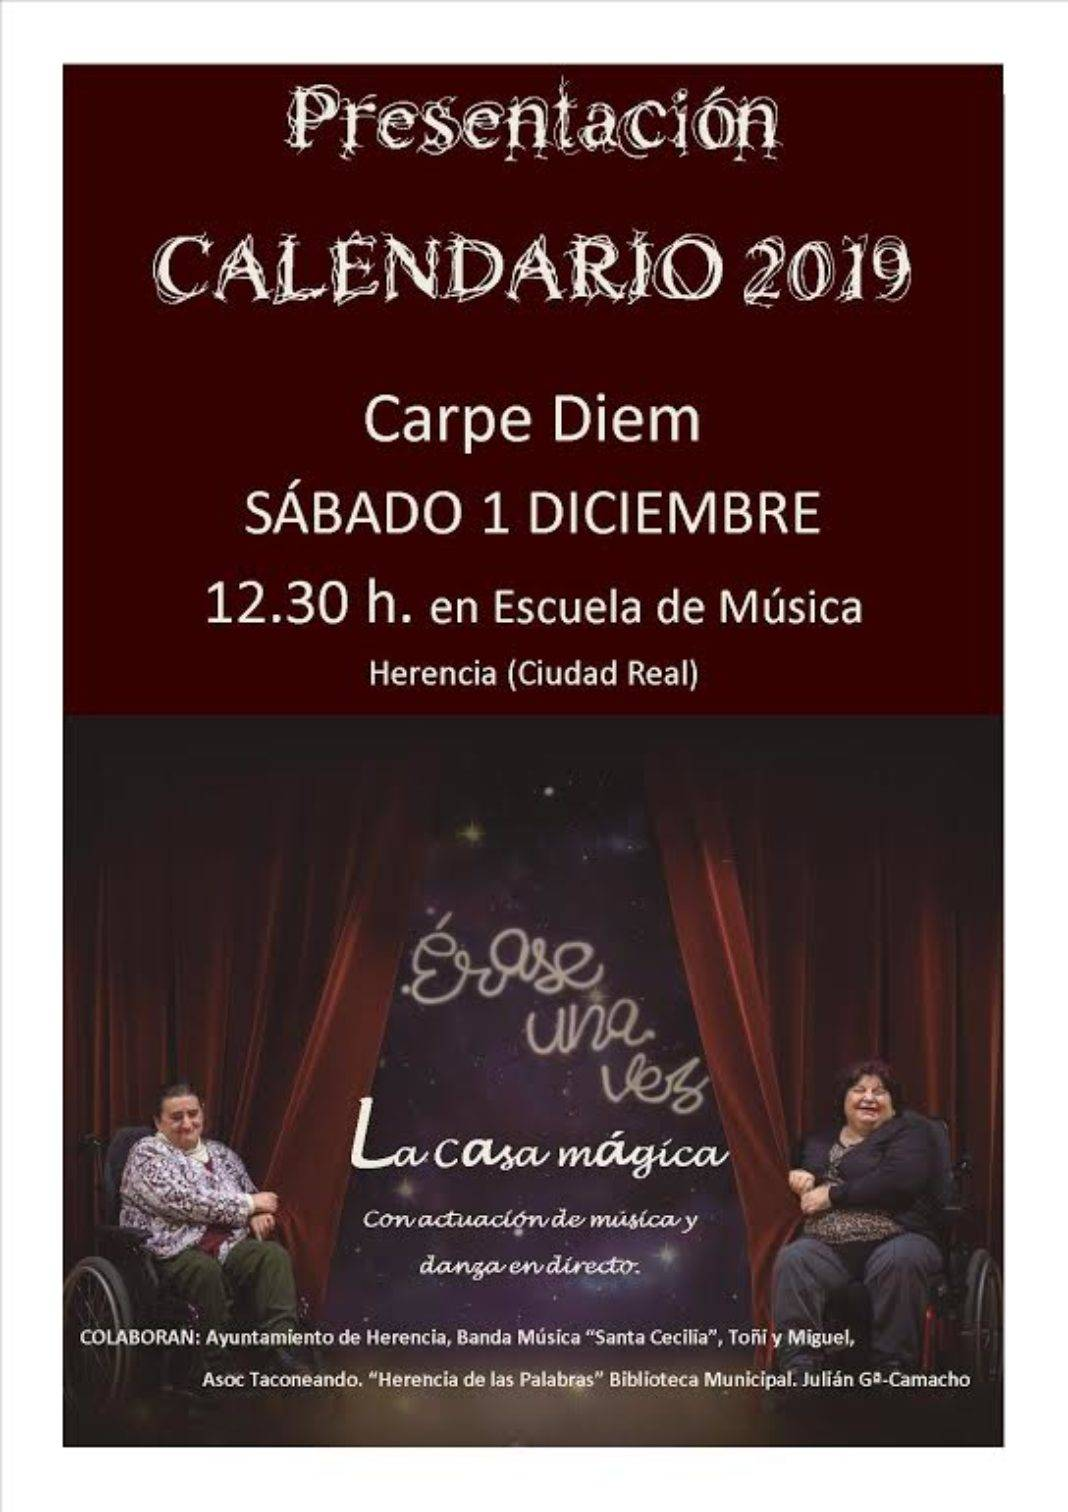 Carpe Diem presenta su calendario 2019 el sábado 1 de diciembre 4